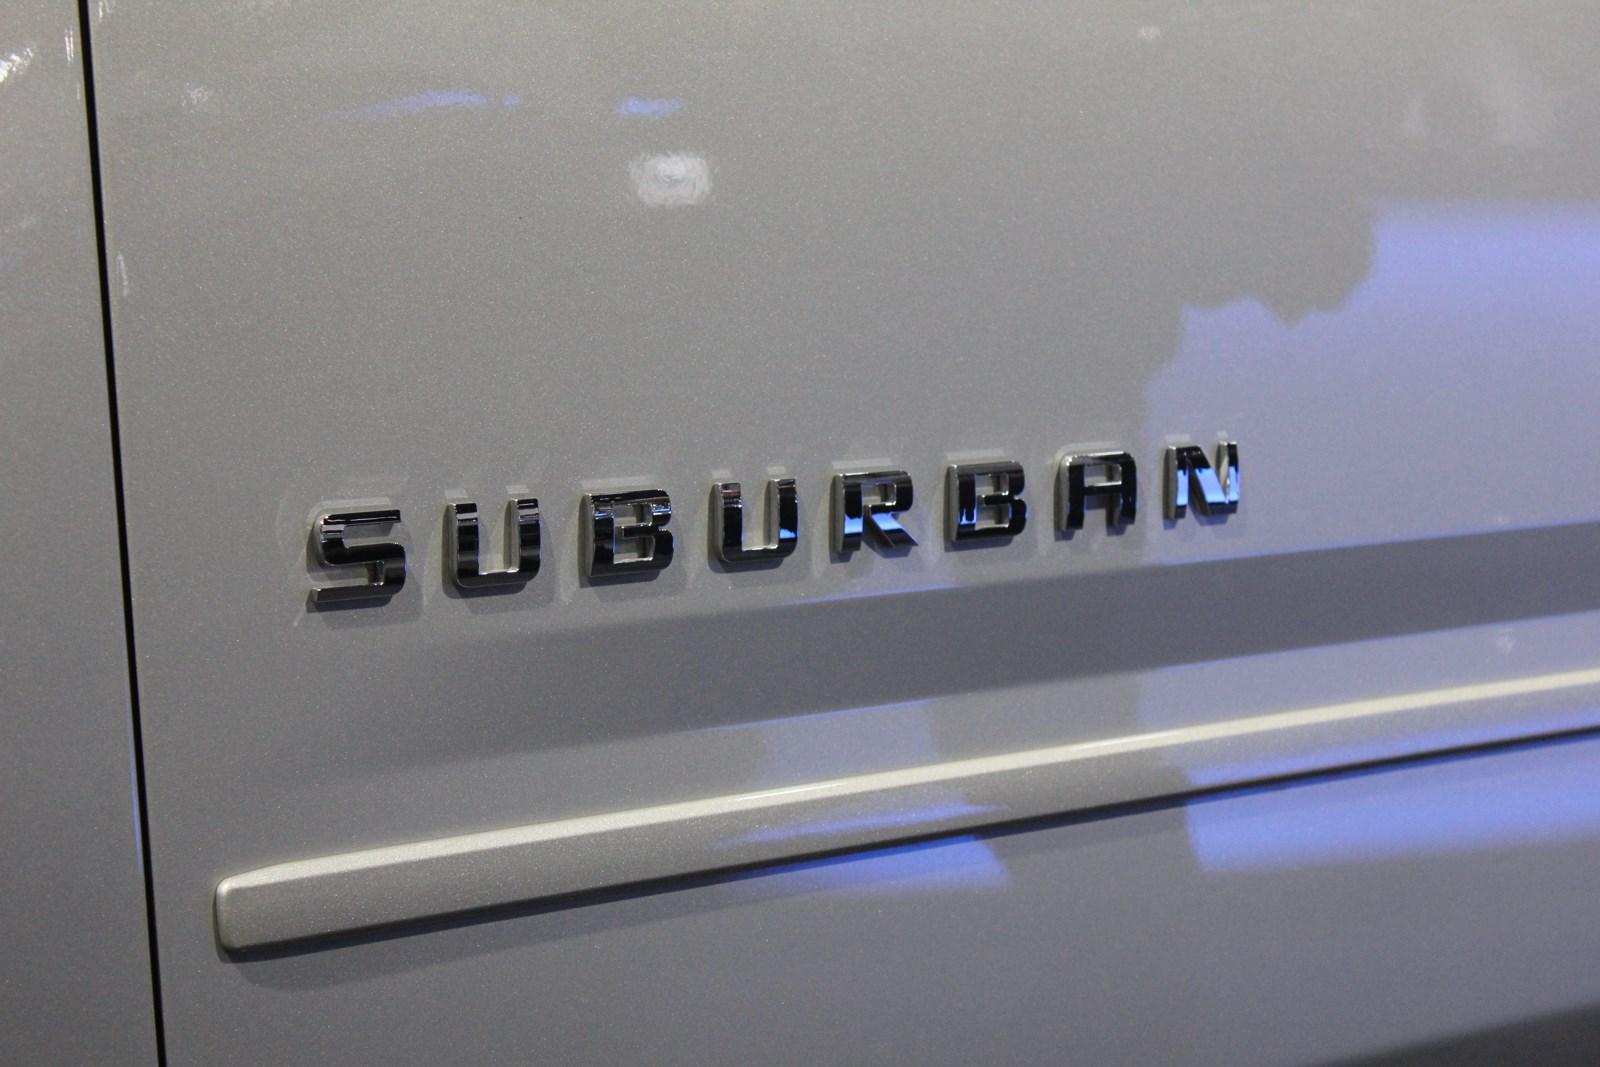 2015 Chevrolet Suburban lettering